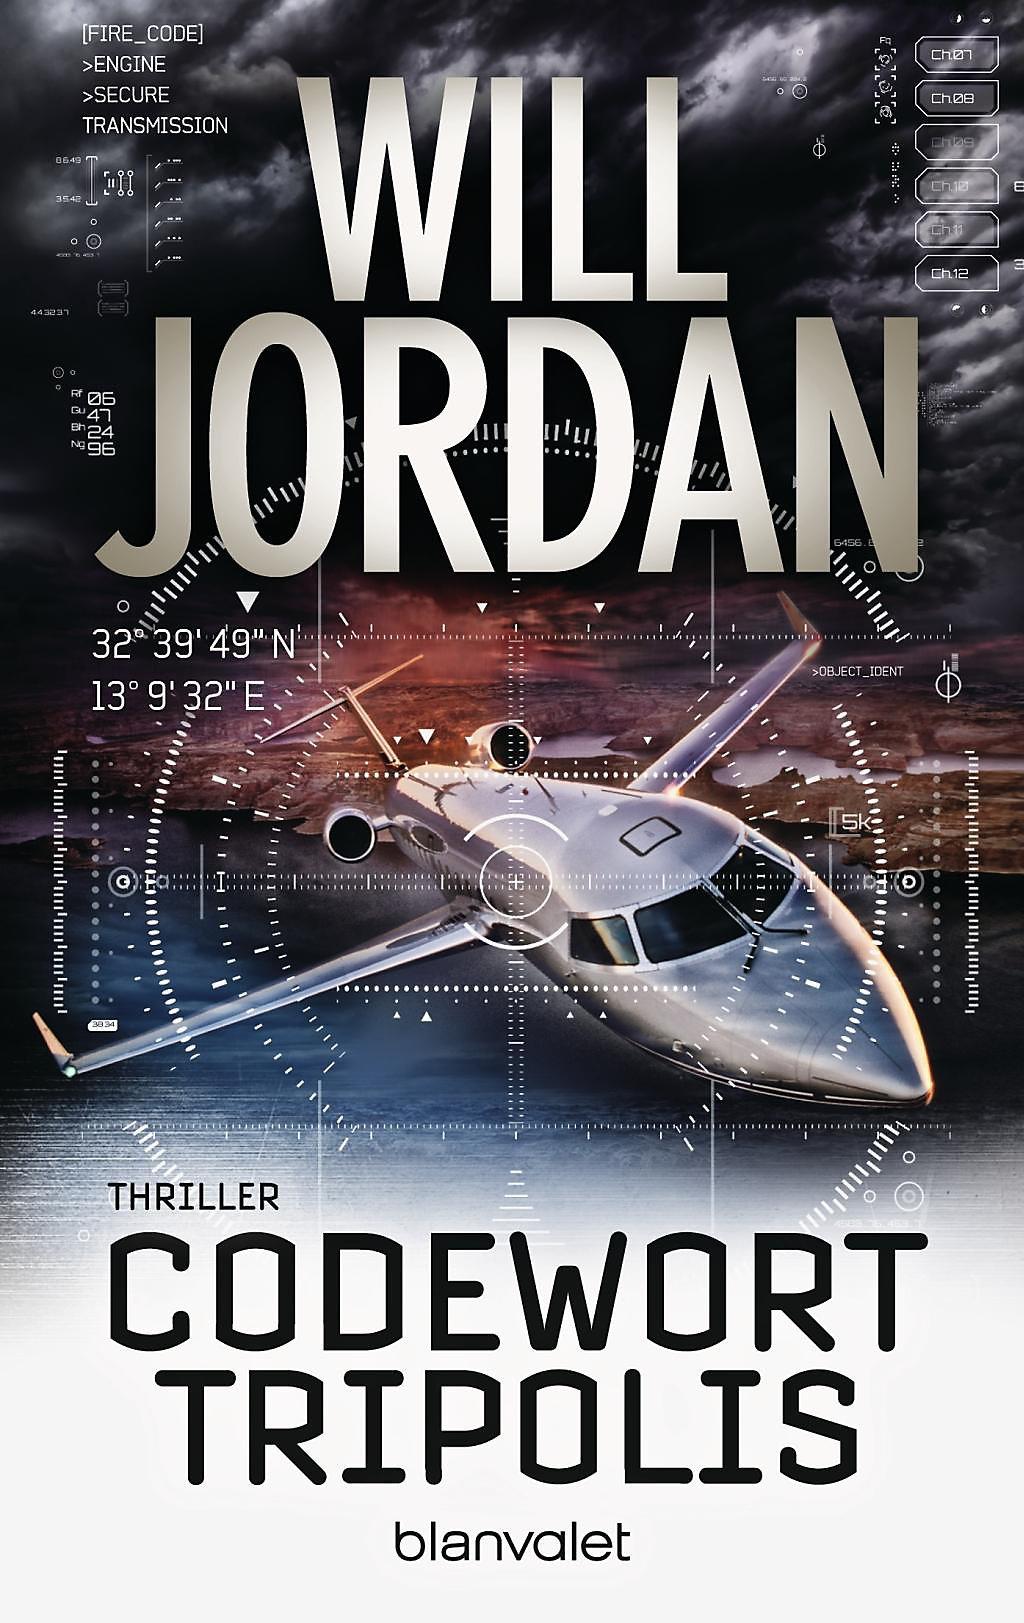 Codewort